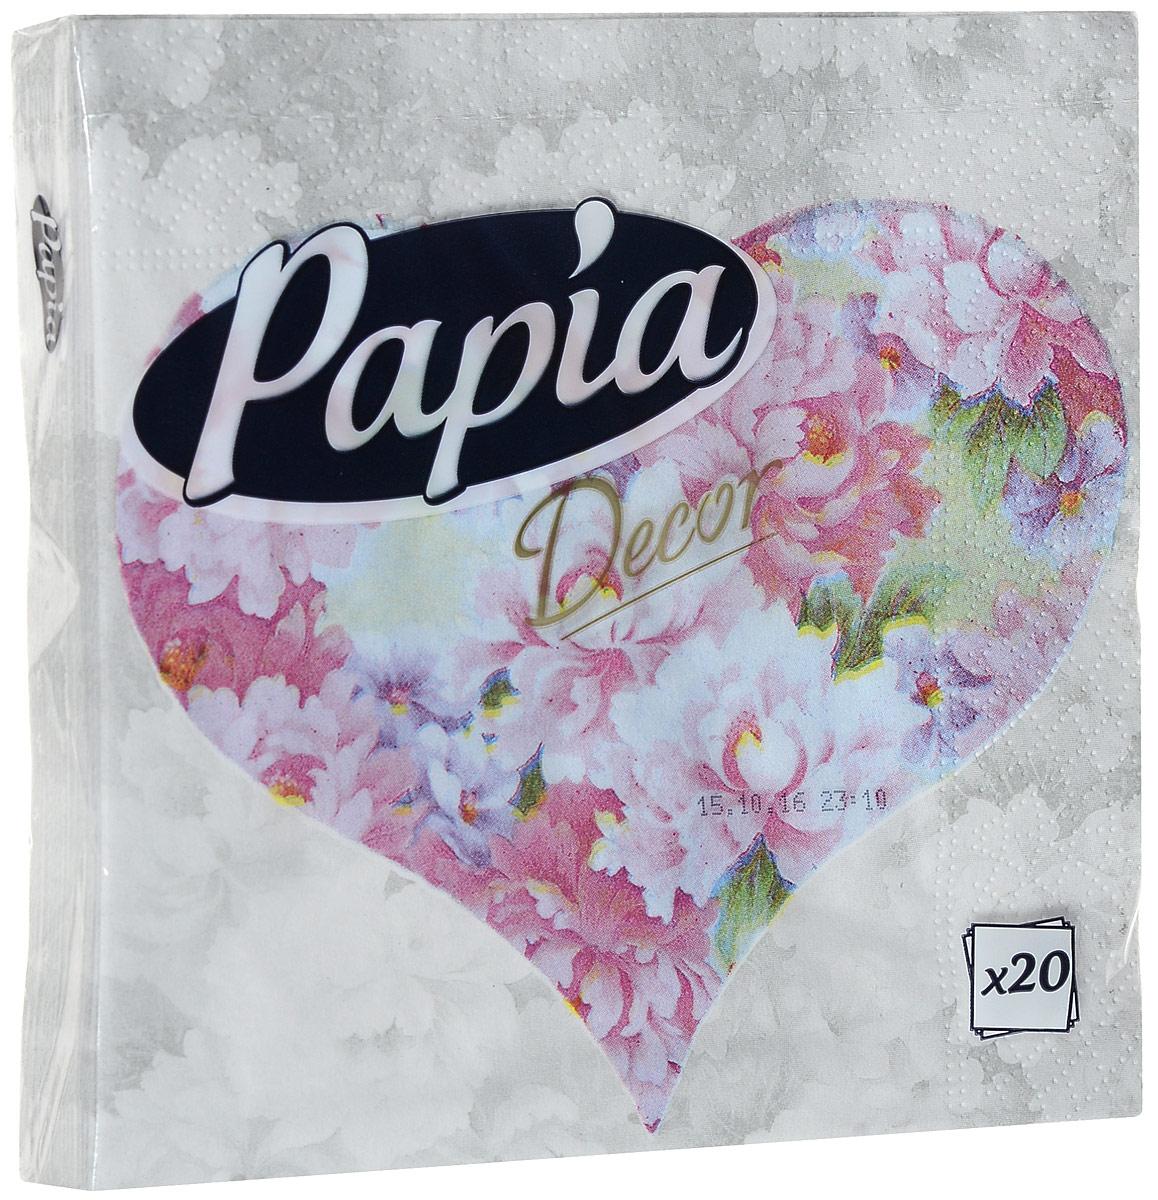 Салфетки бумажные Papia Decor, трехслойные, цвет: розовые пионы, 33 х 33 см, 20 шт787502Трехслойные салфетки Papia Decor, выполненные из 100% целлюлозы, оформлены красивым рисунком. Салфетки предназначены для красивой сервировки стола. Оригинальный дизайн салфеток добавит изысканности вашему столу и поднимет настроение. Размер салфеток: 33 см х 33 см.